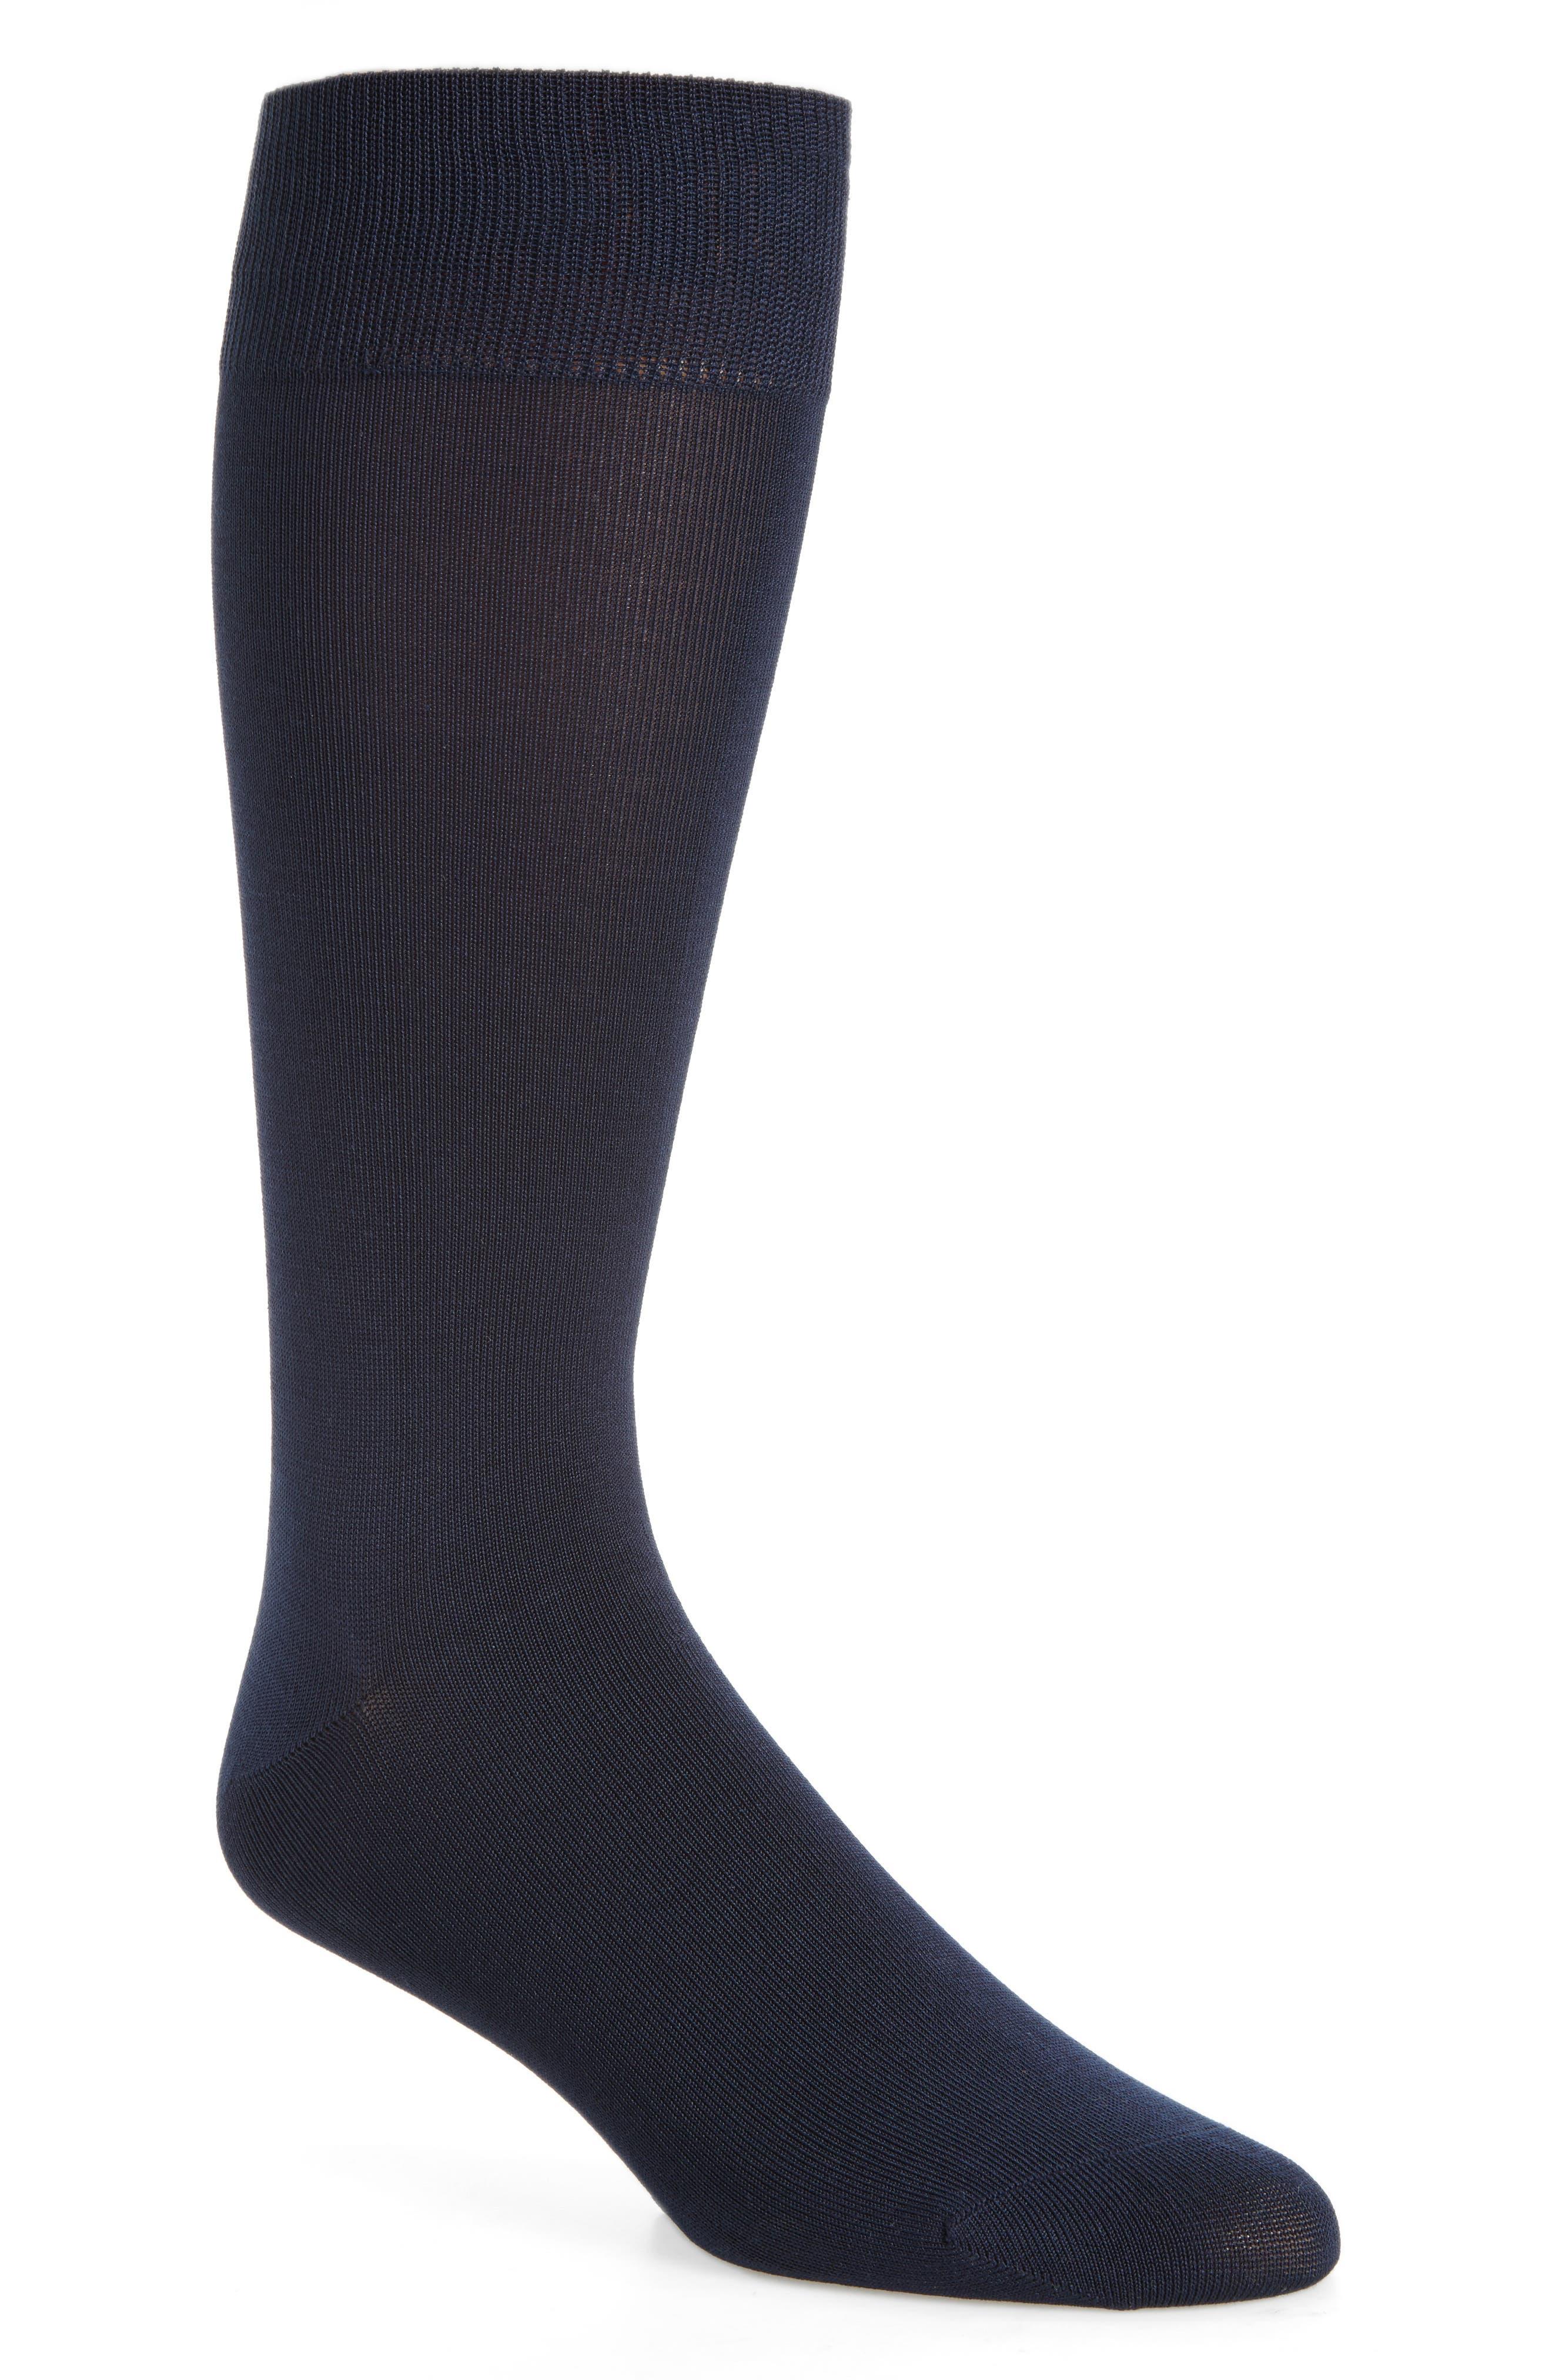 Main Image - John W. Nordstrom® Domino Socks